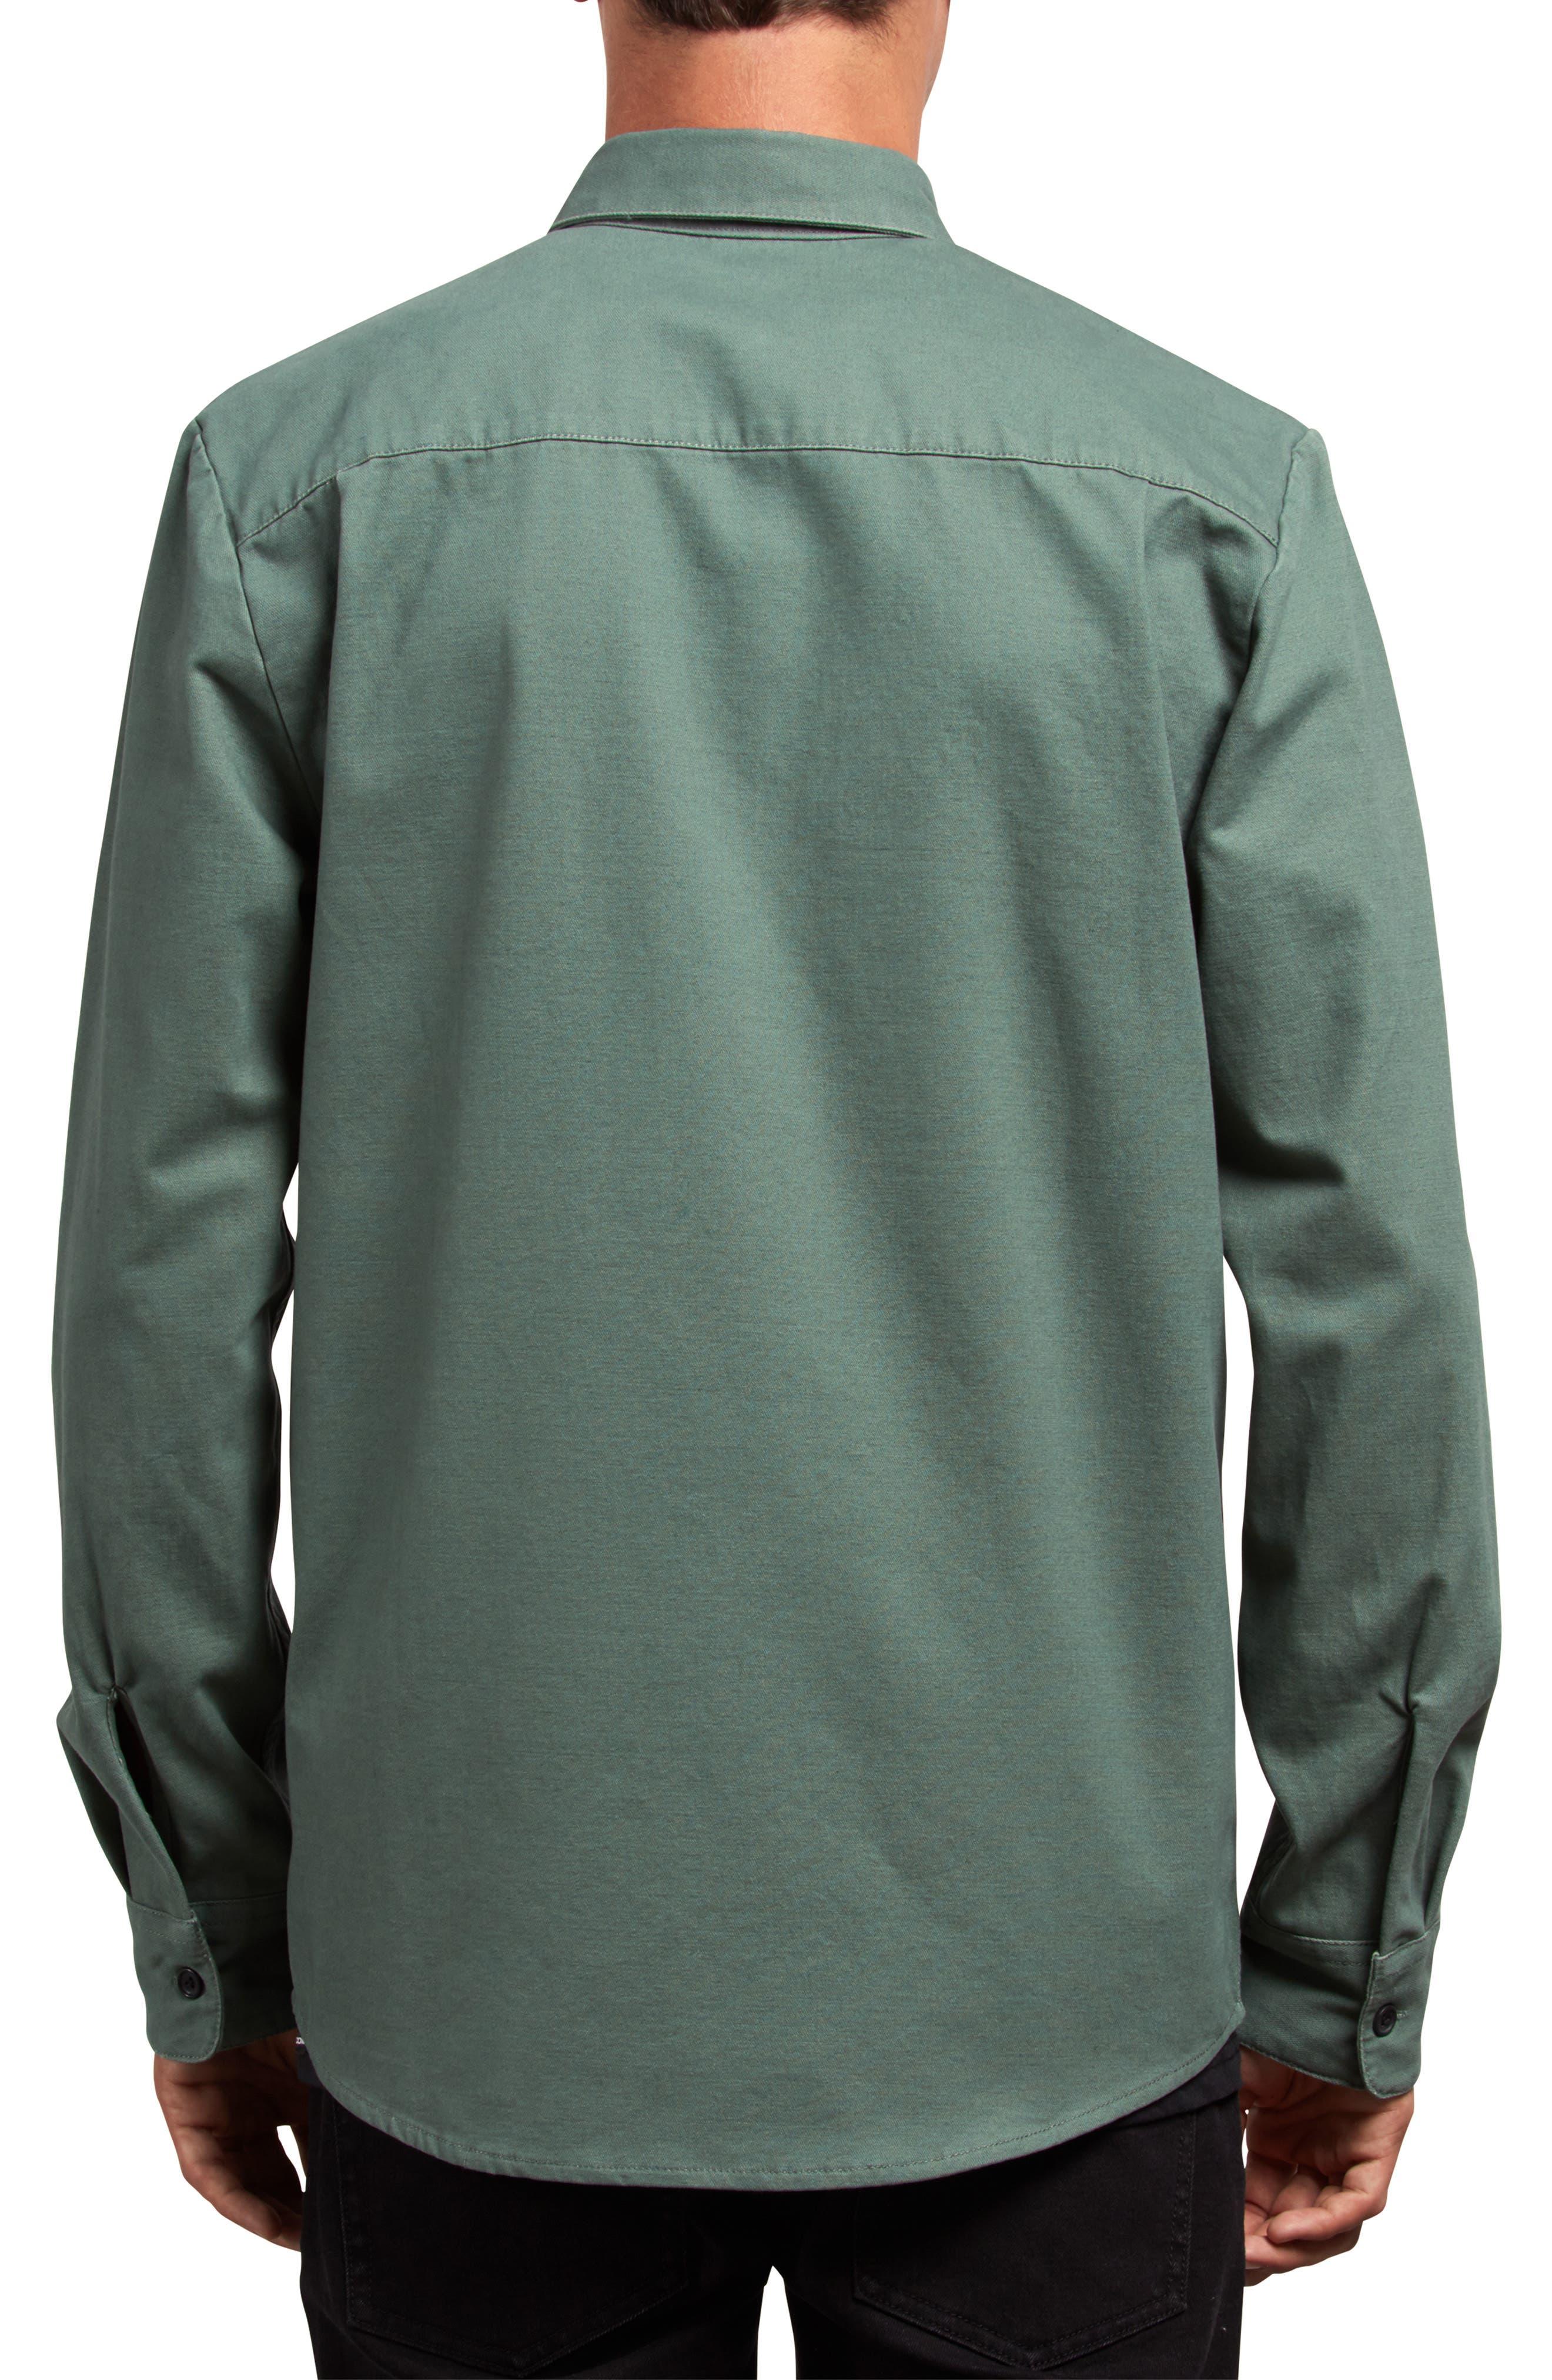 Huckster Heavyweight Sport Shirt,                             Alternate thumbnail 2, color,                             PINE